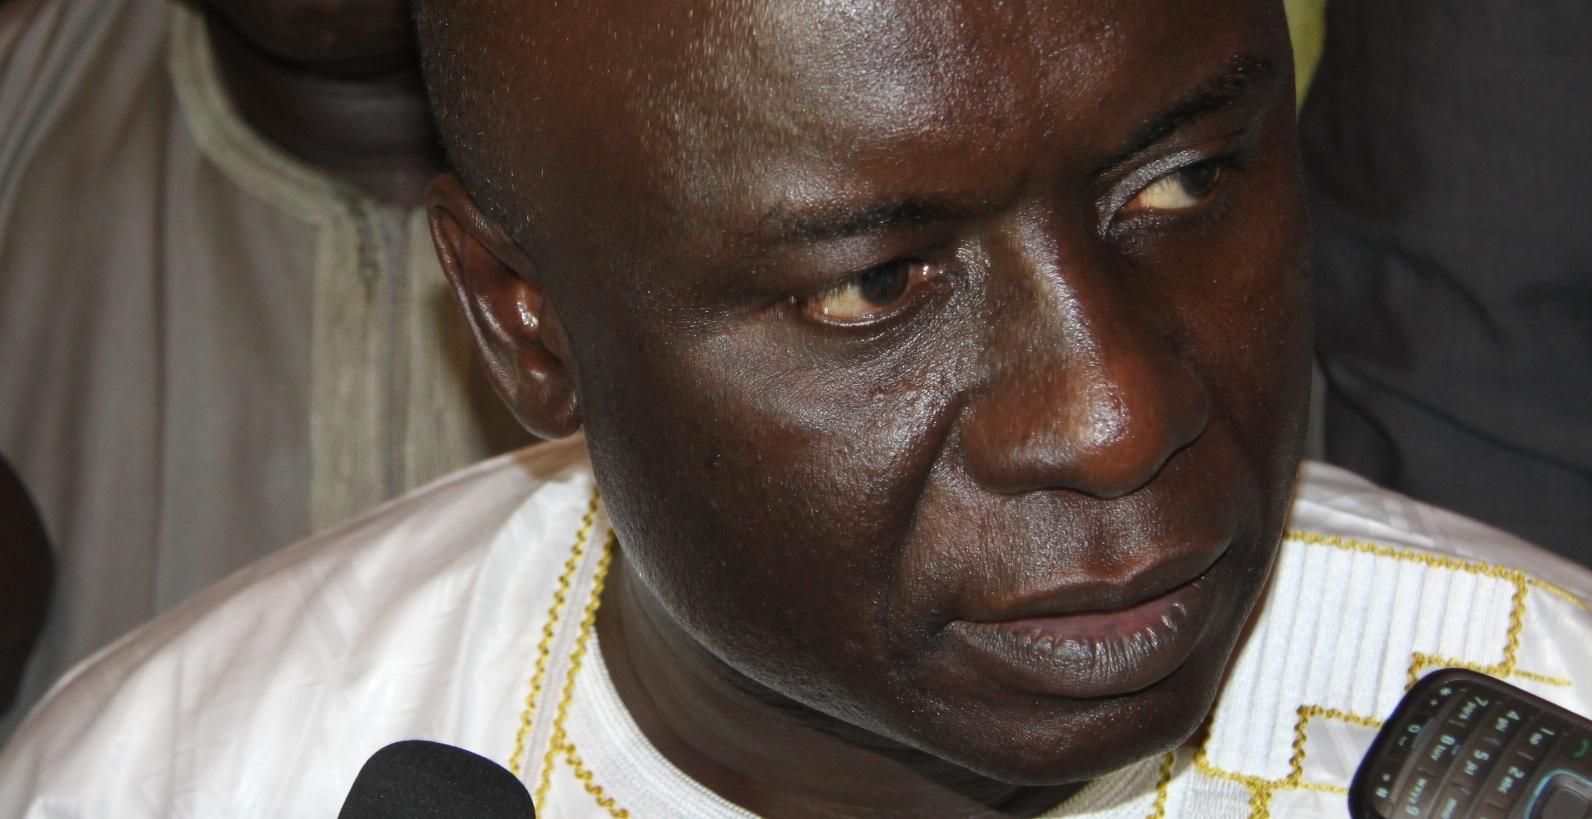 Inculpation probable d'Idrissa Seck pour « blanchiment d'argent » - Menace ou chantage ?